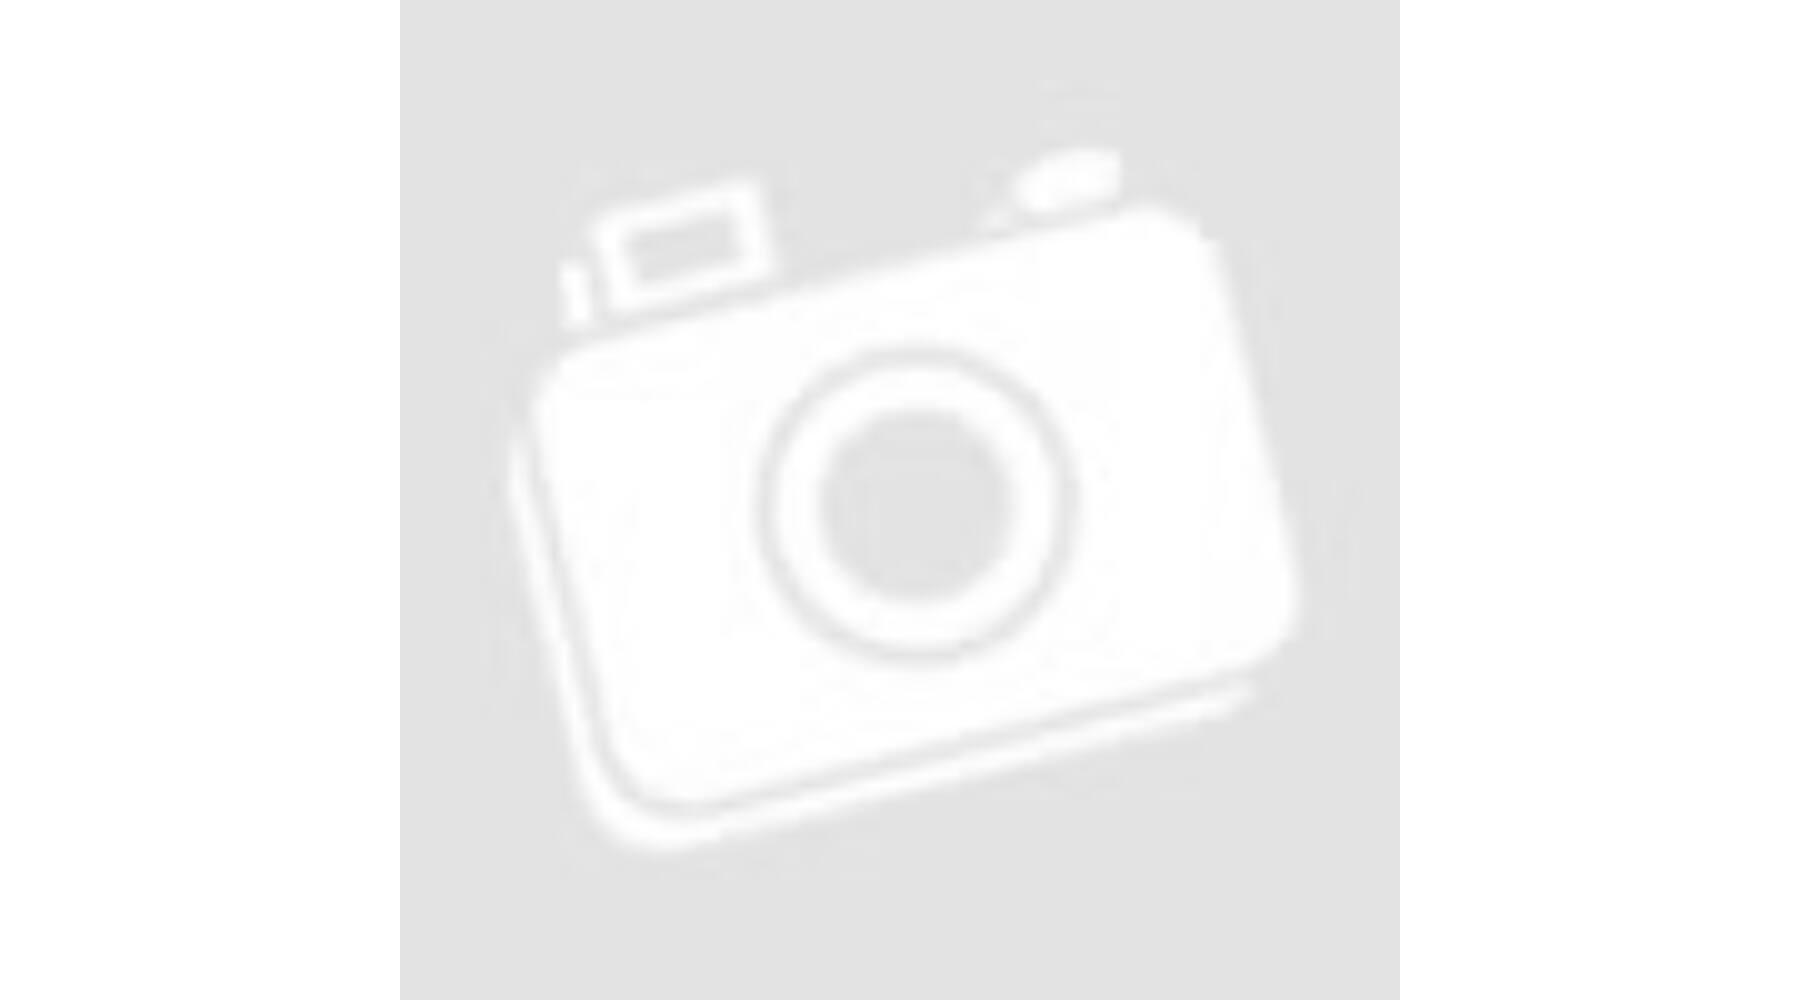 női sportfelső strech anyagbol hosszu ujjú raglán kényelmes viselet  edzéshez 03795412a7